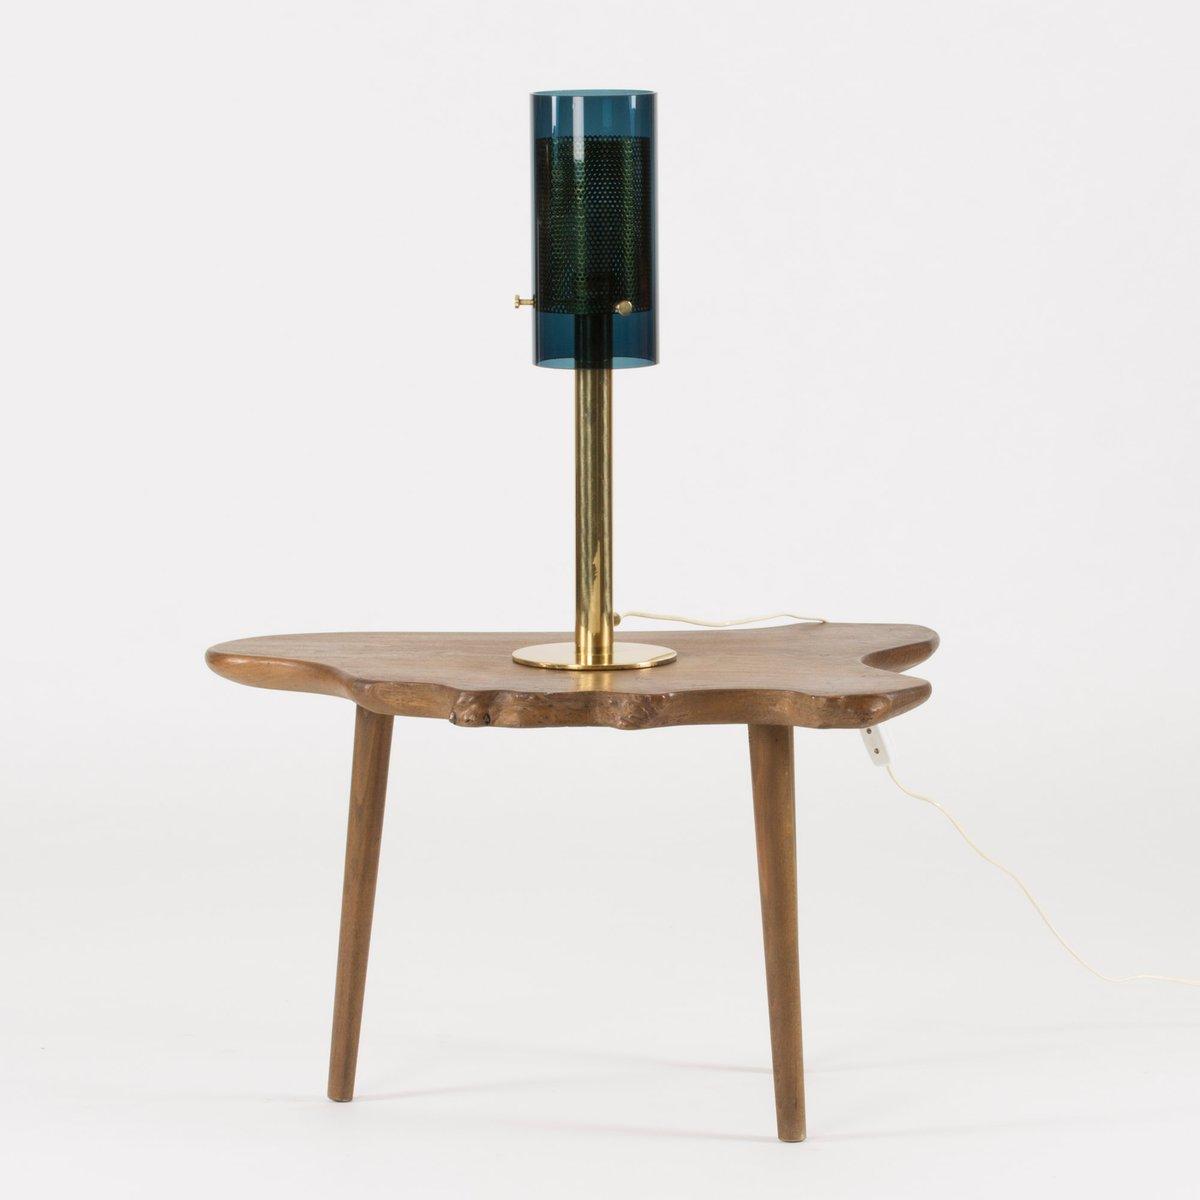 Messing & Glas Tischlampe von Hans-Agne Jakobsson, 1960er